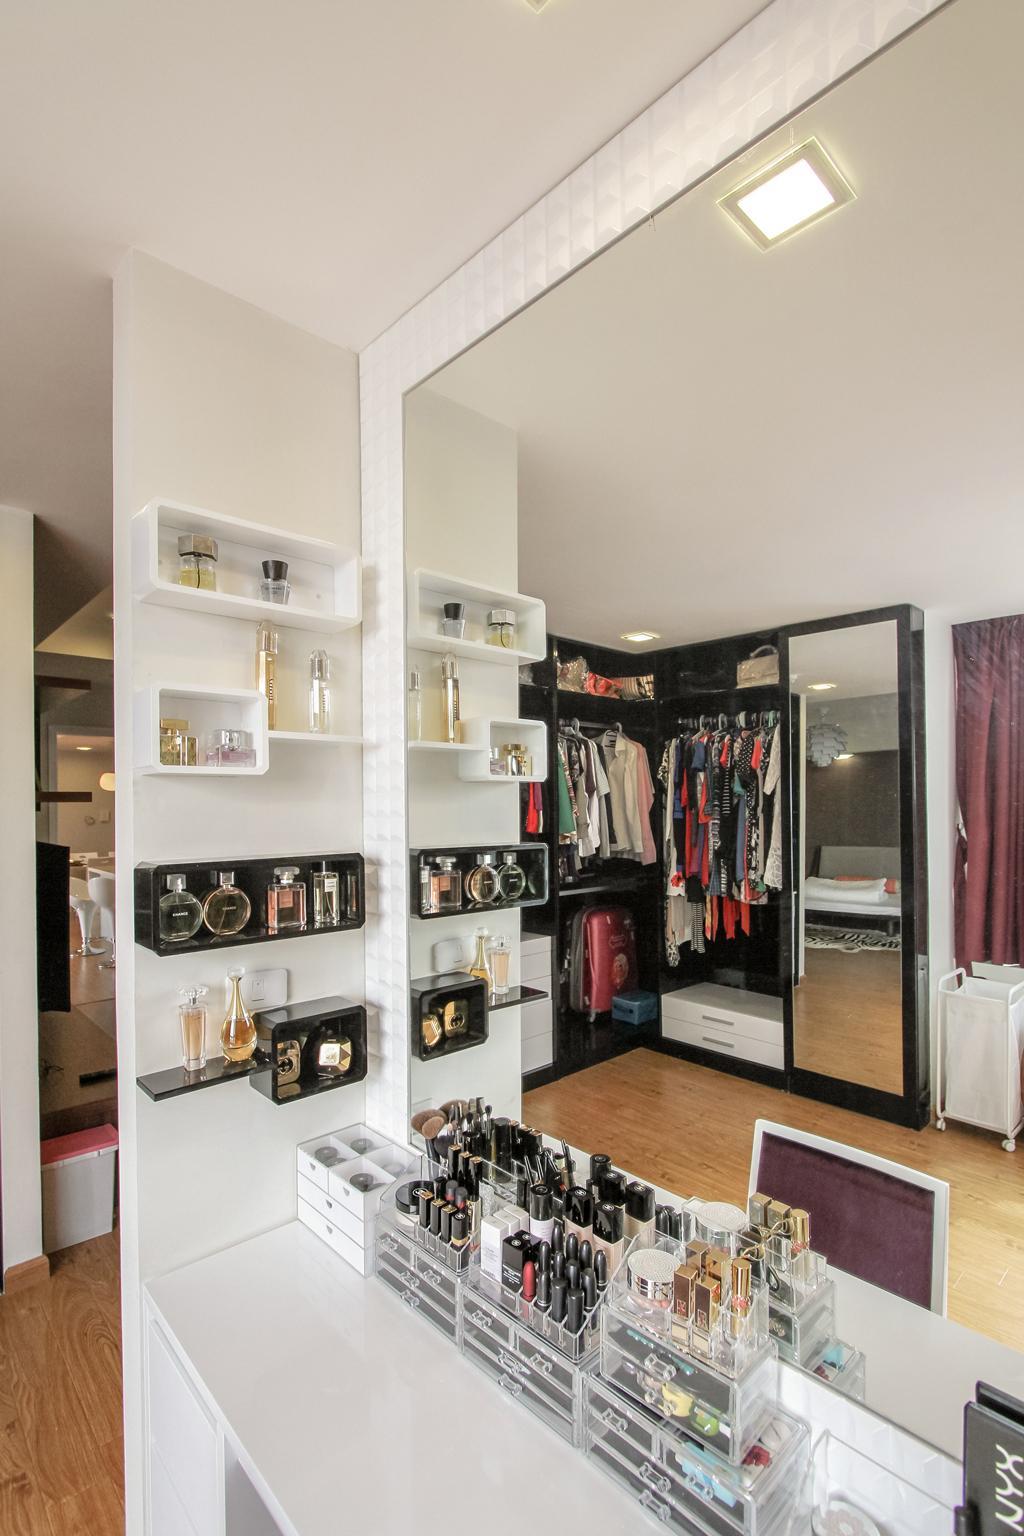 thiết kế nội thất chung cư tại Hà Nội CHUNG CƯ CHỢ MƠ 6 1570440671